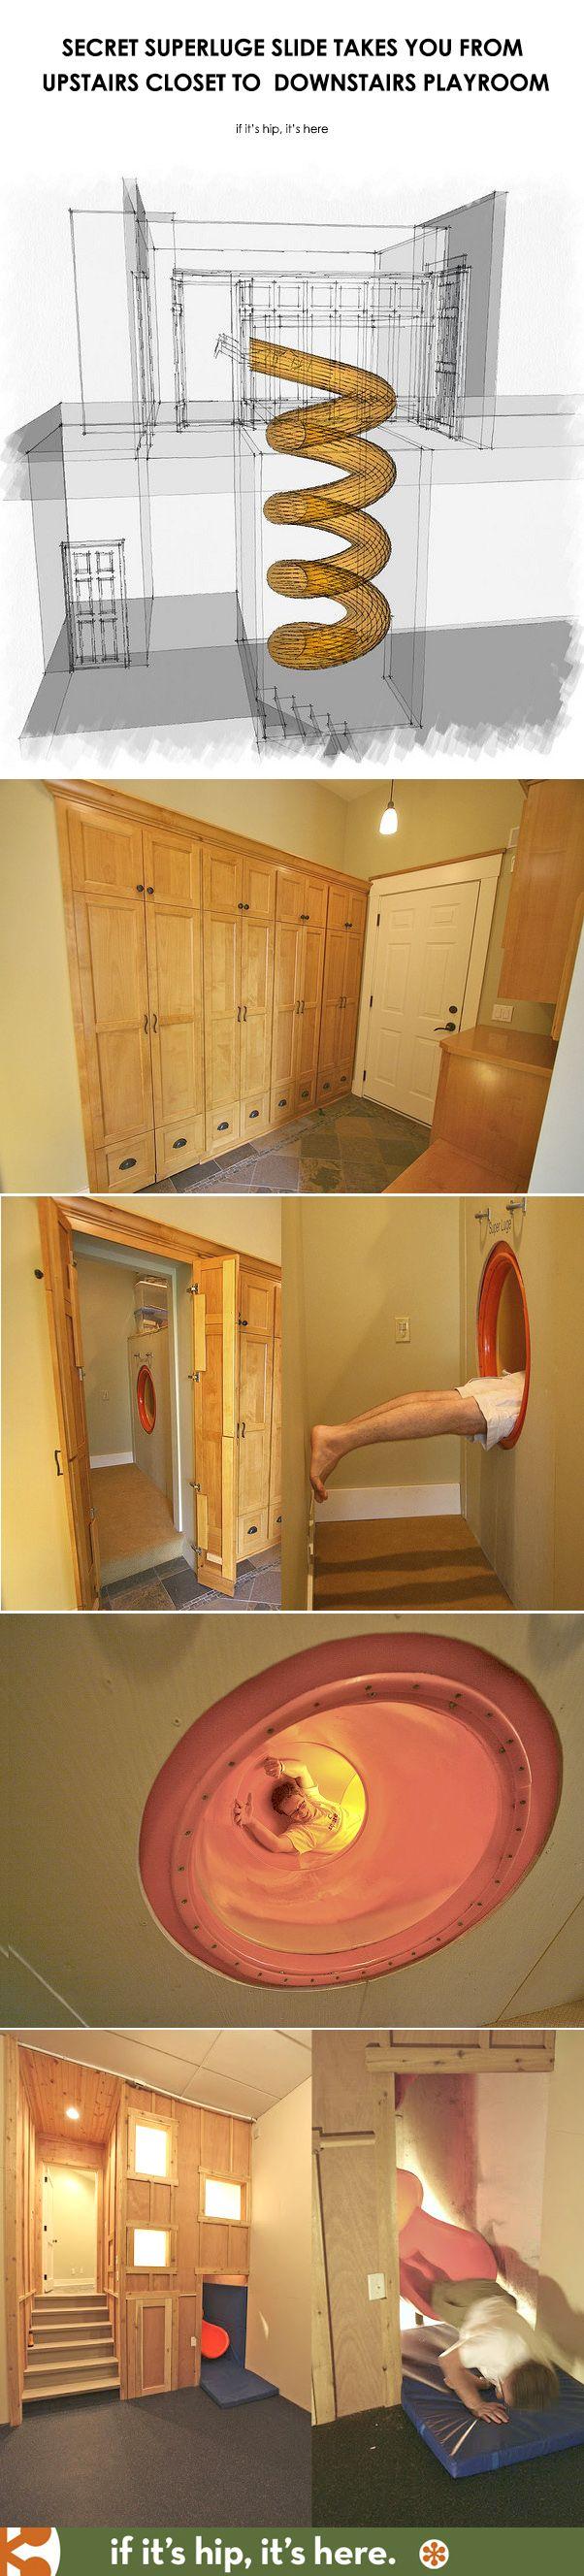 Secret SuperLuge Indoor Slide